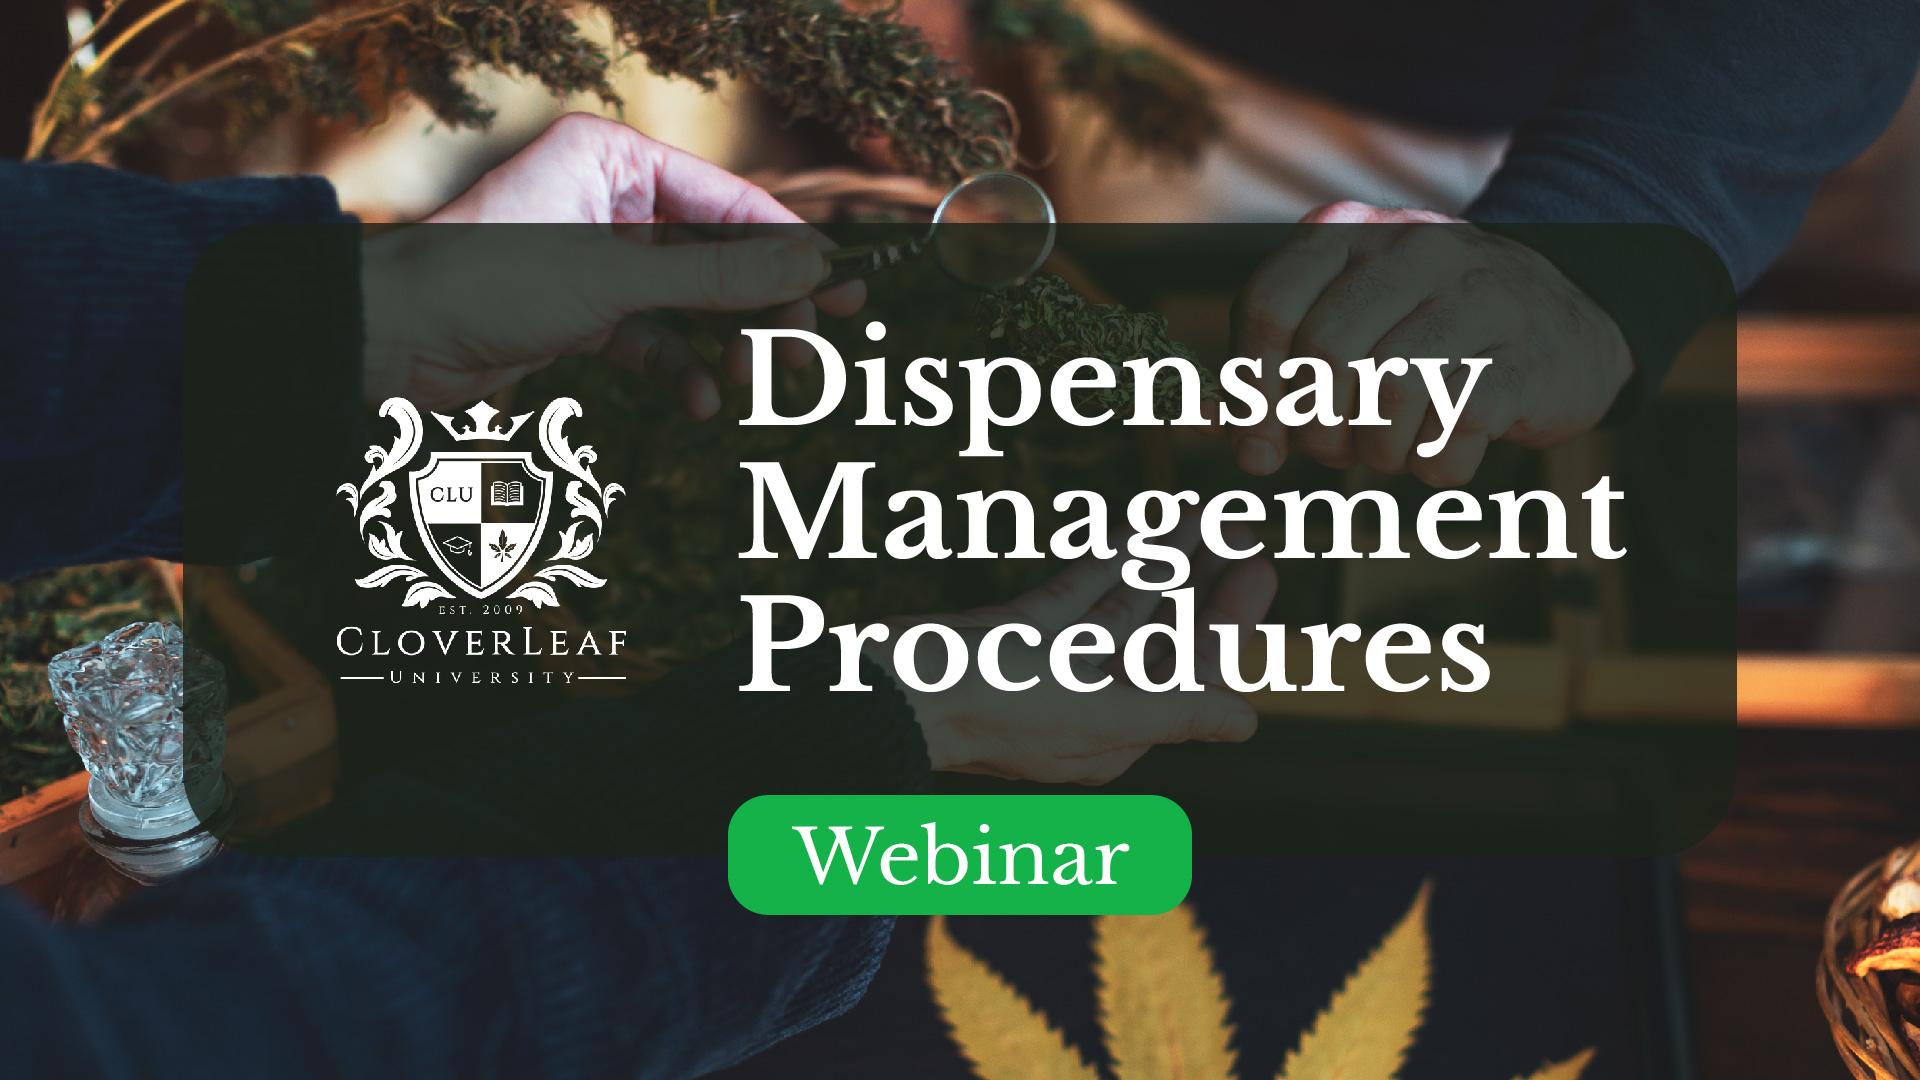 Dispensary Management Procedures - Webinar